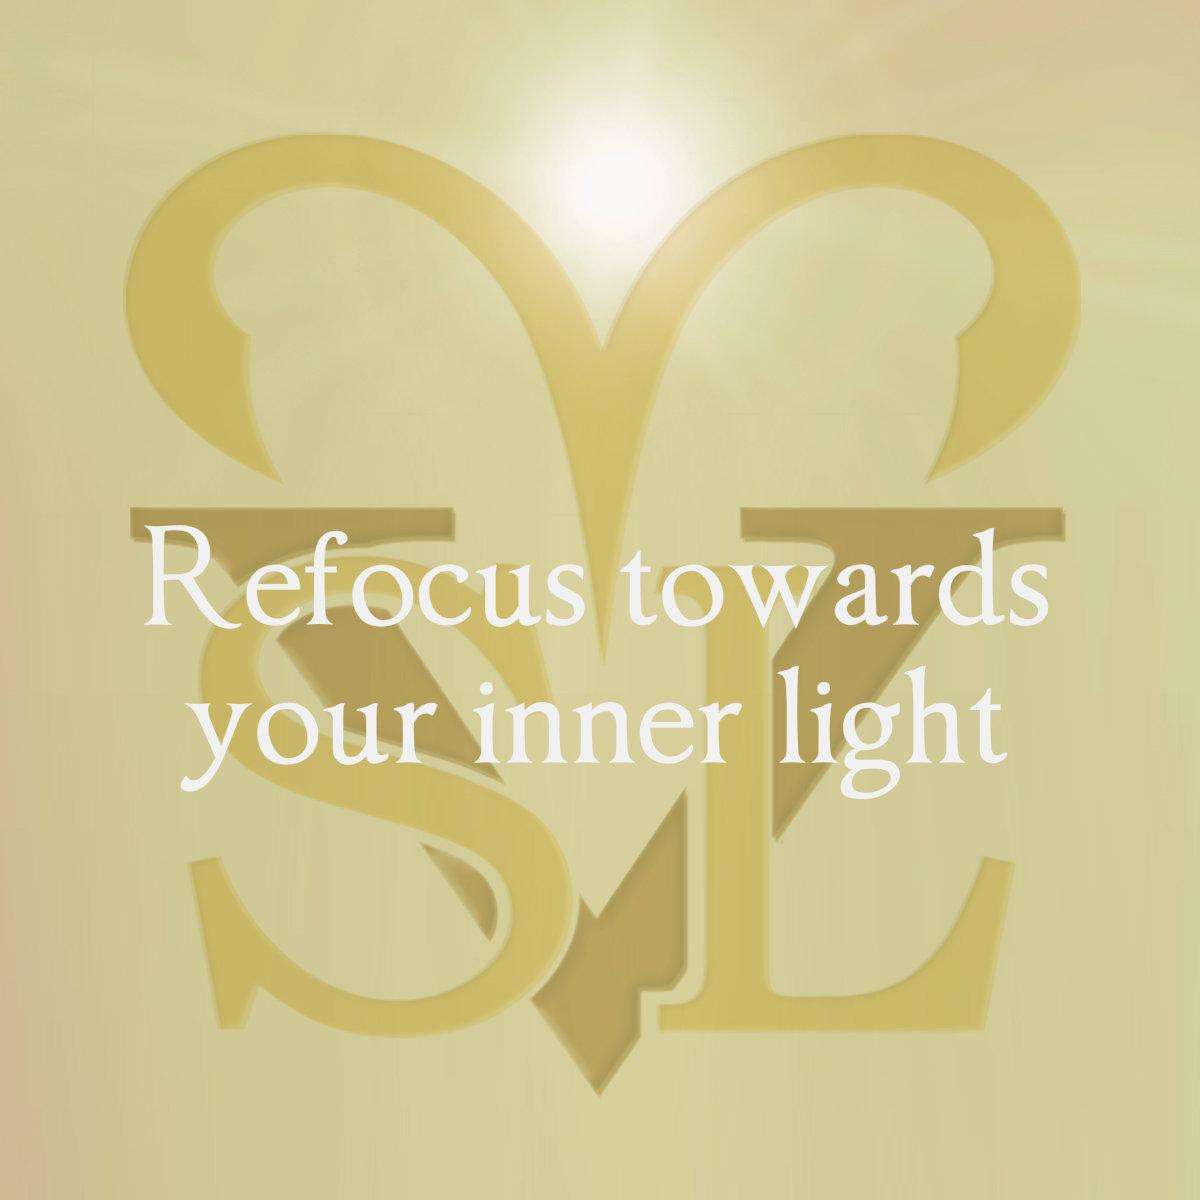 SL Quote refocus